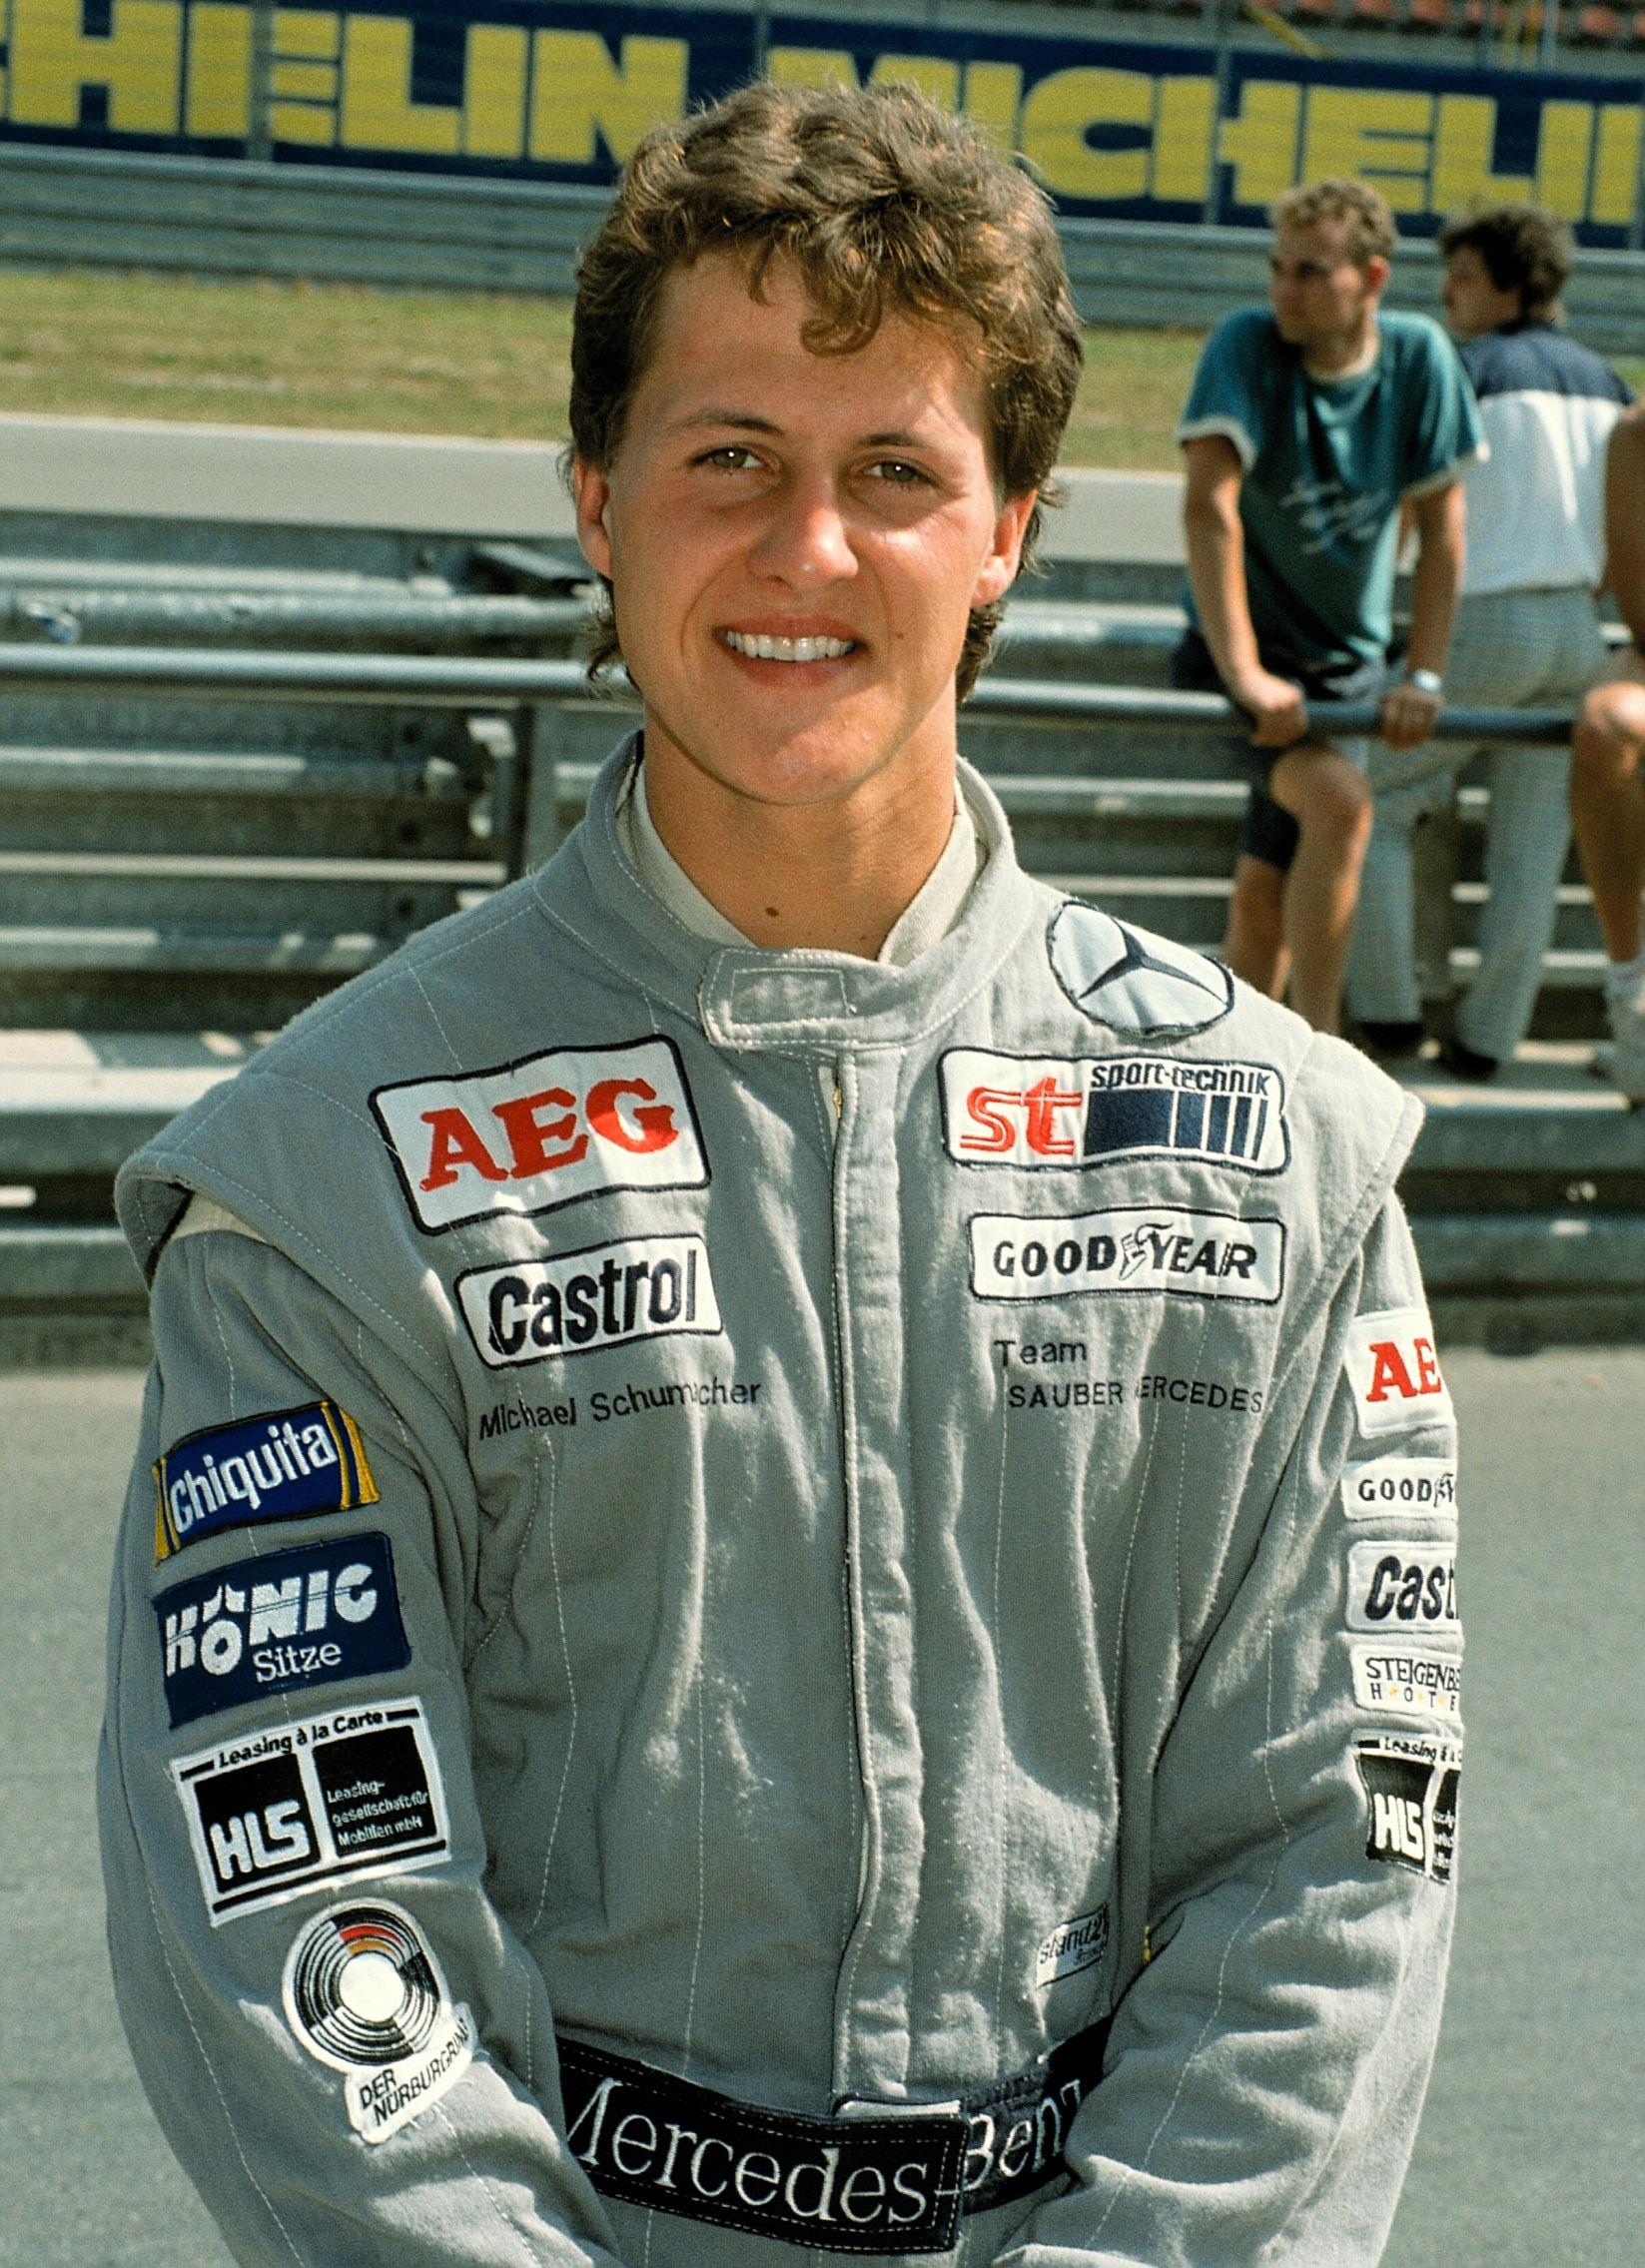 Michael-Schumacher-in-1990.jpg